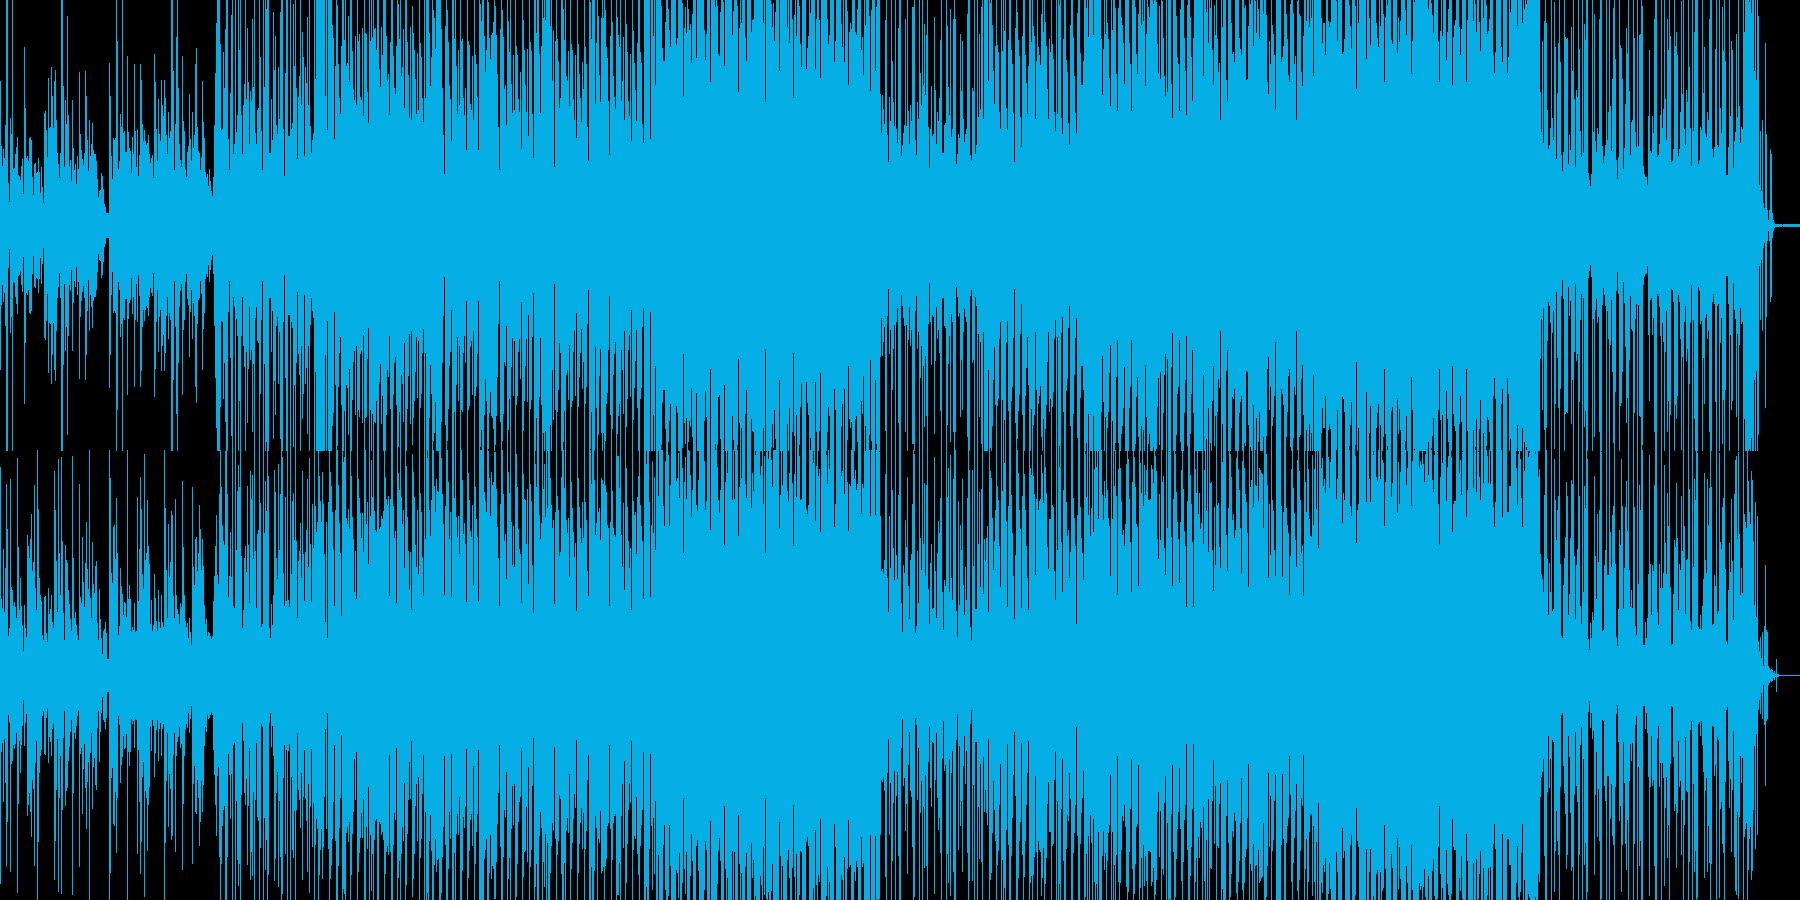 小気味良いリズムと懐かしいメロディの曲の再生済みの波形